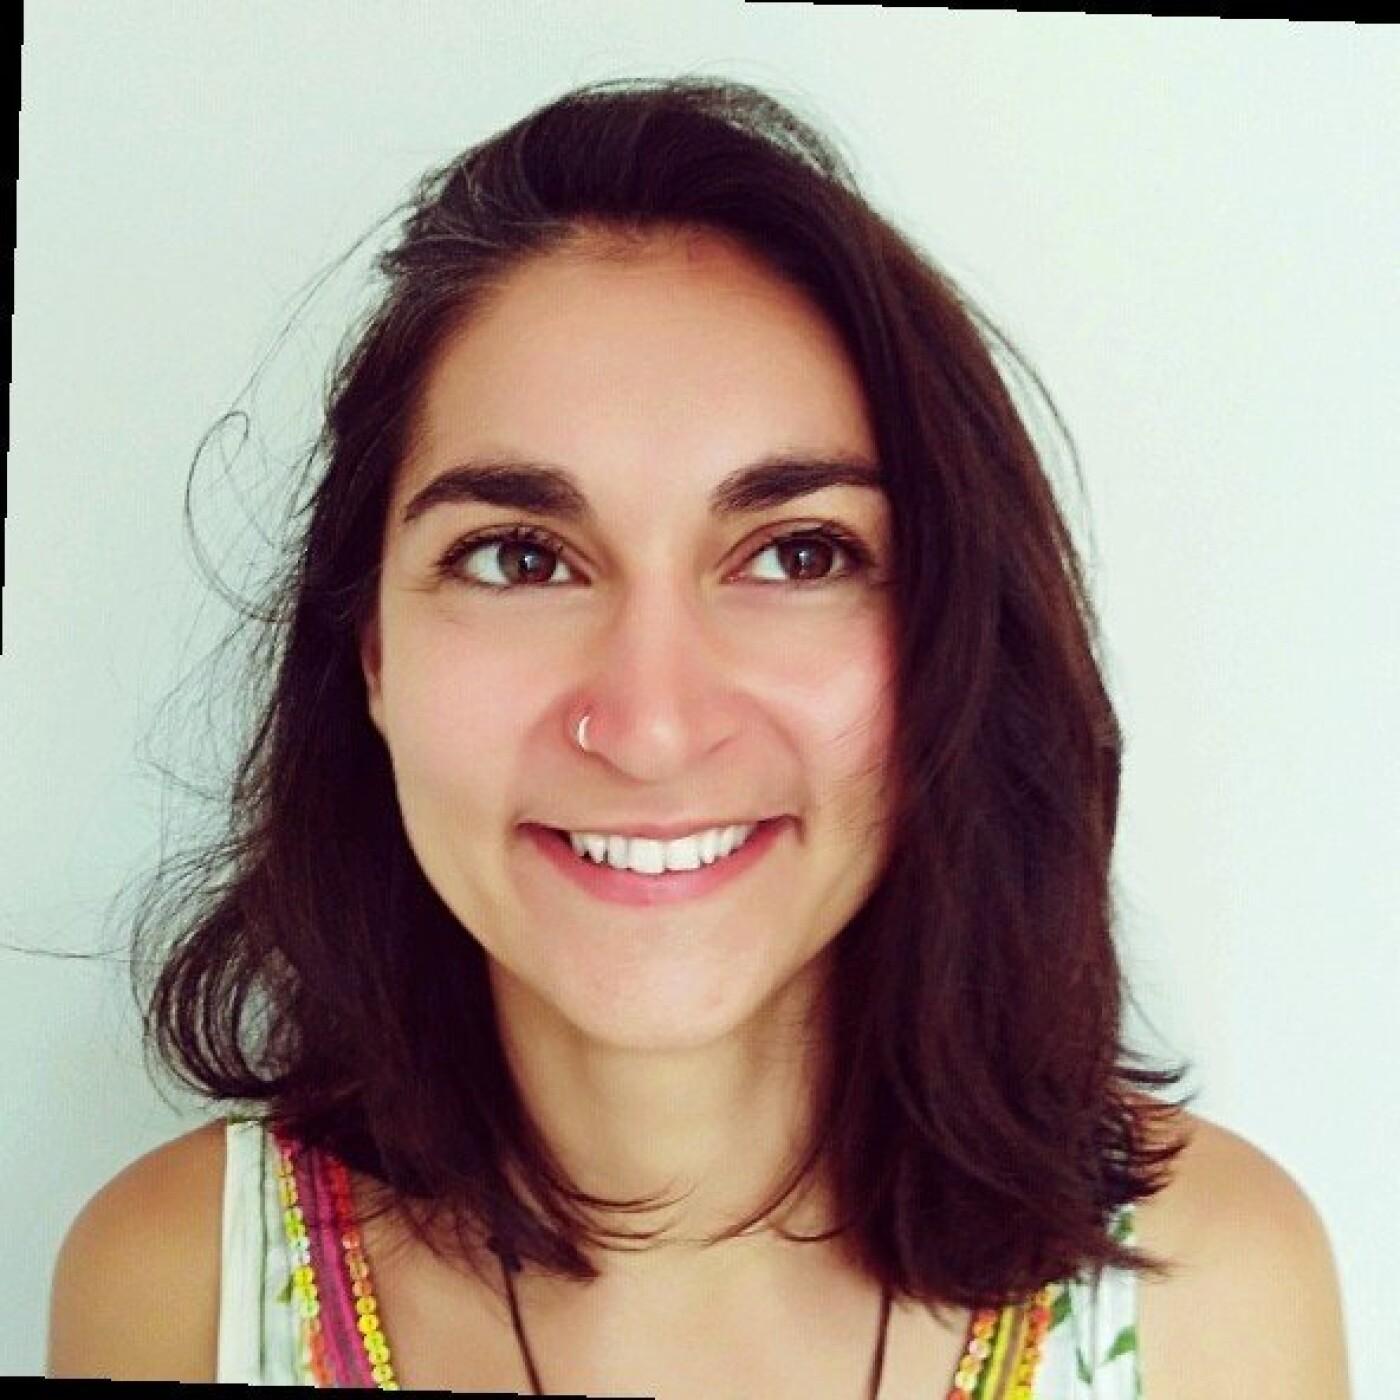 Saffiya est experte HAPPYcultrice, on parle du Yoga du rire - 28 04 2021 - StereoChic Radio